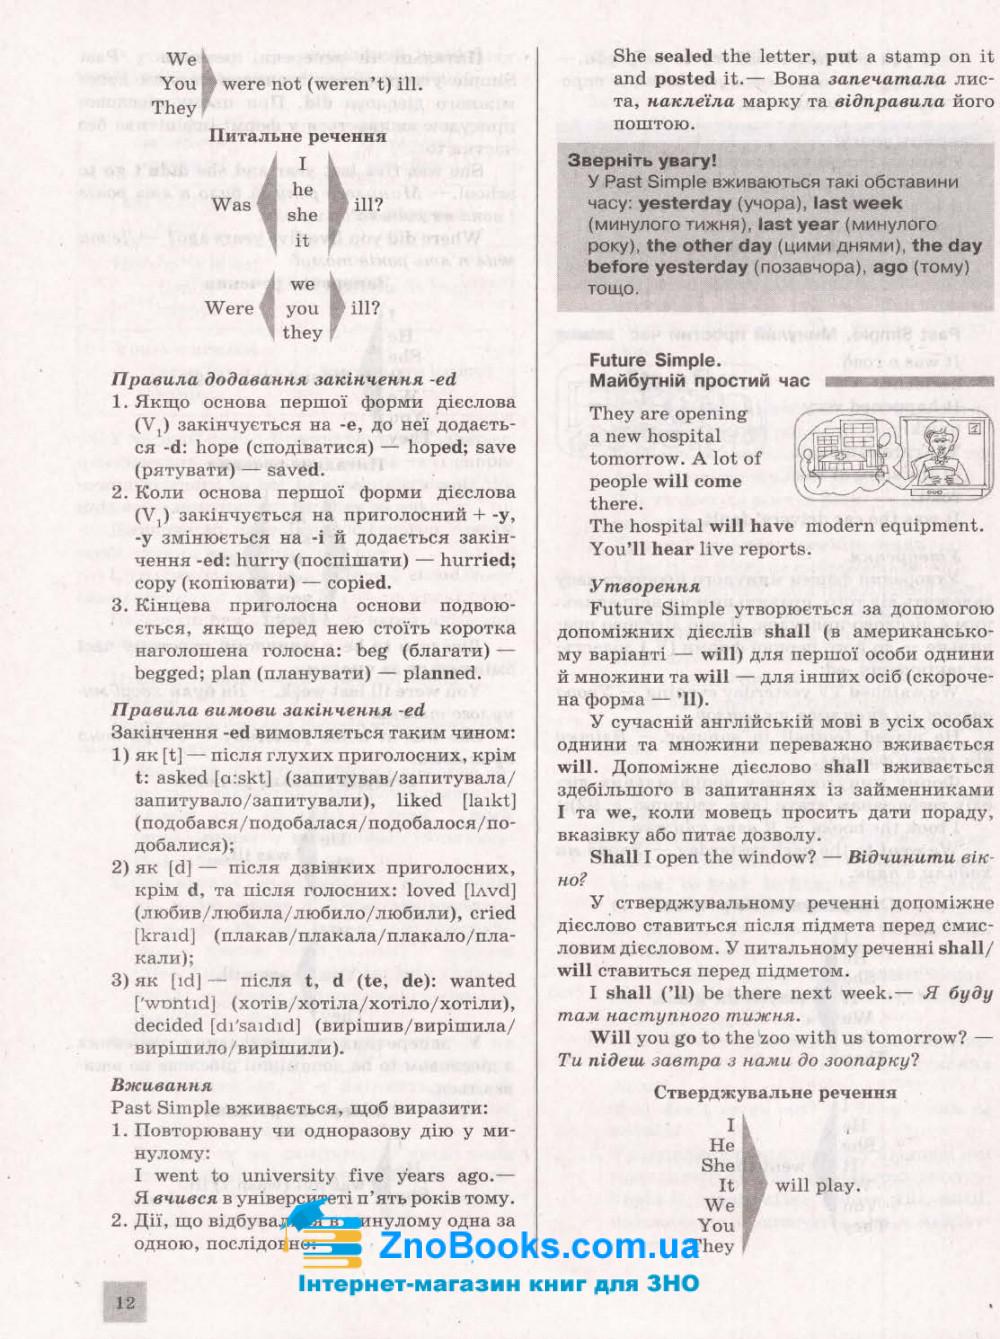 Англійська мова ЗНО 2021. Комплексне видання + типові тестові /КОМПЛЕКТ/ : Чернишова Ю., Мясоєдова С. Літера 6